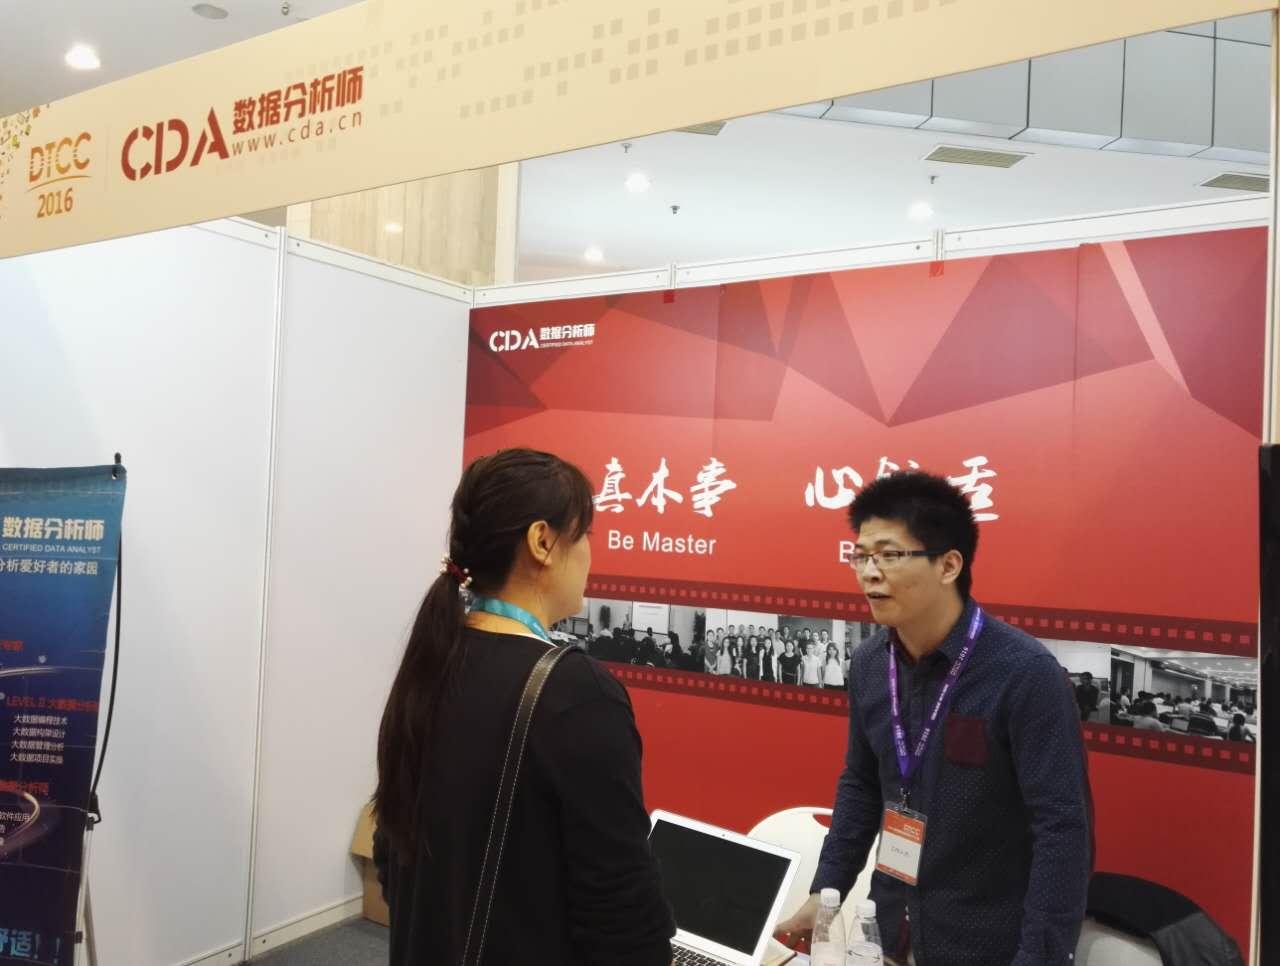 强强联合,CDA数据分析入驻第七届数据库大会!